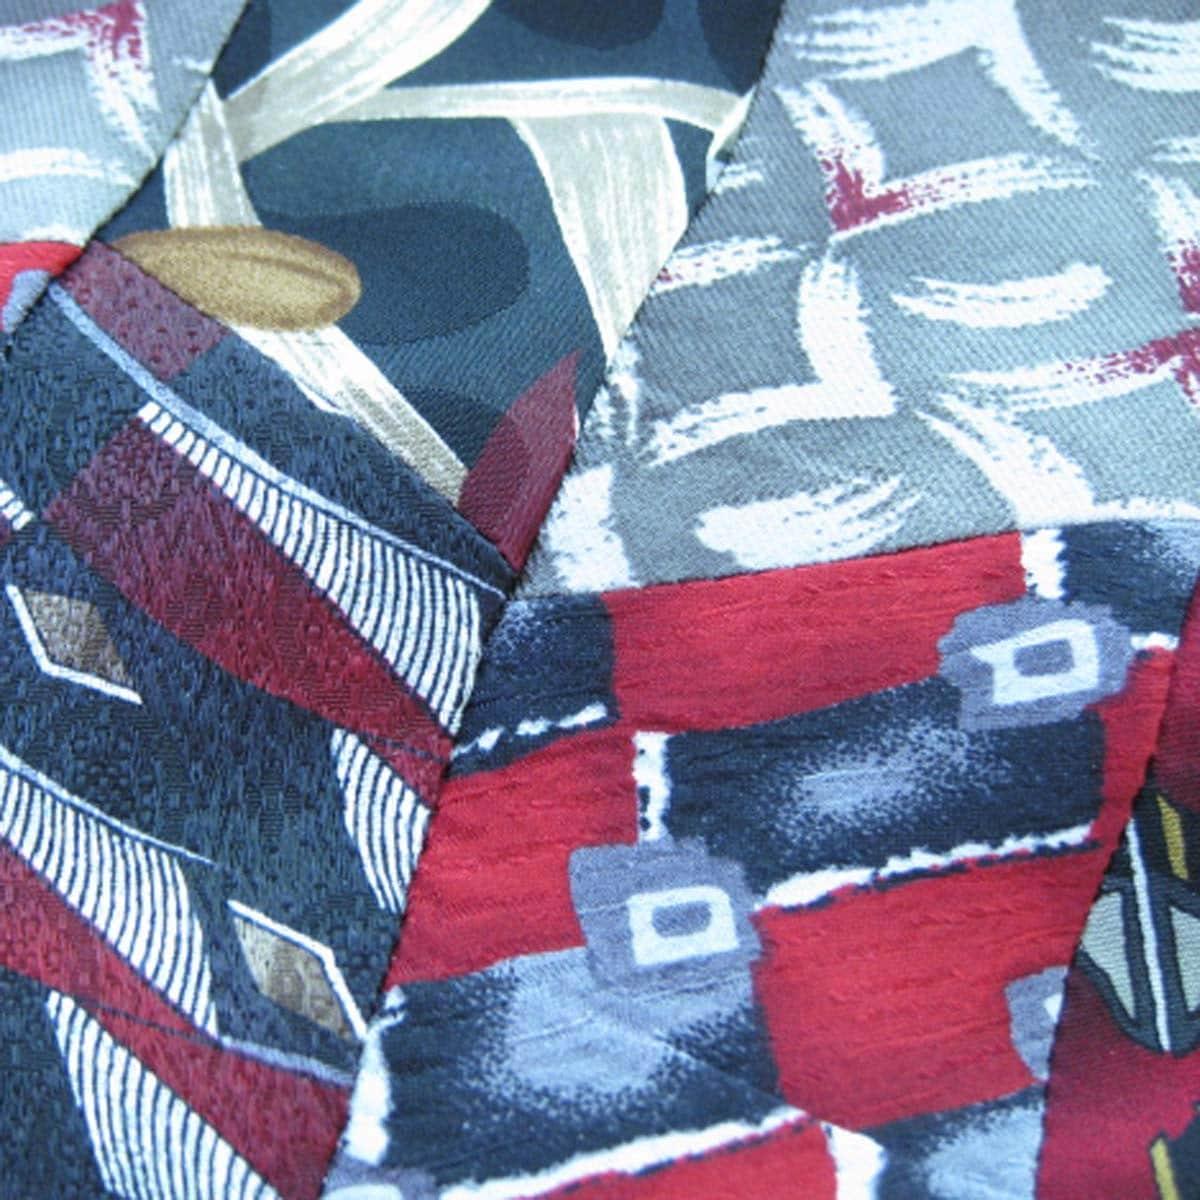 2009 scarf pattern CROCHET